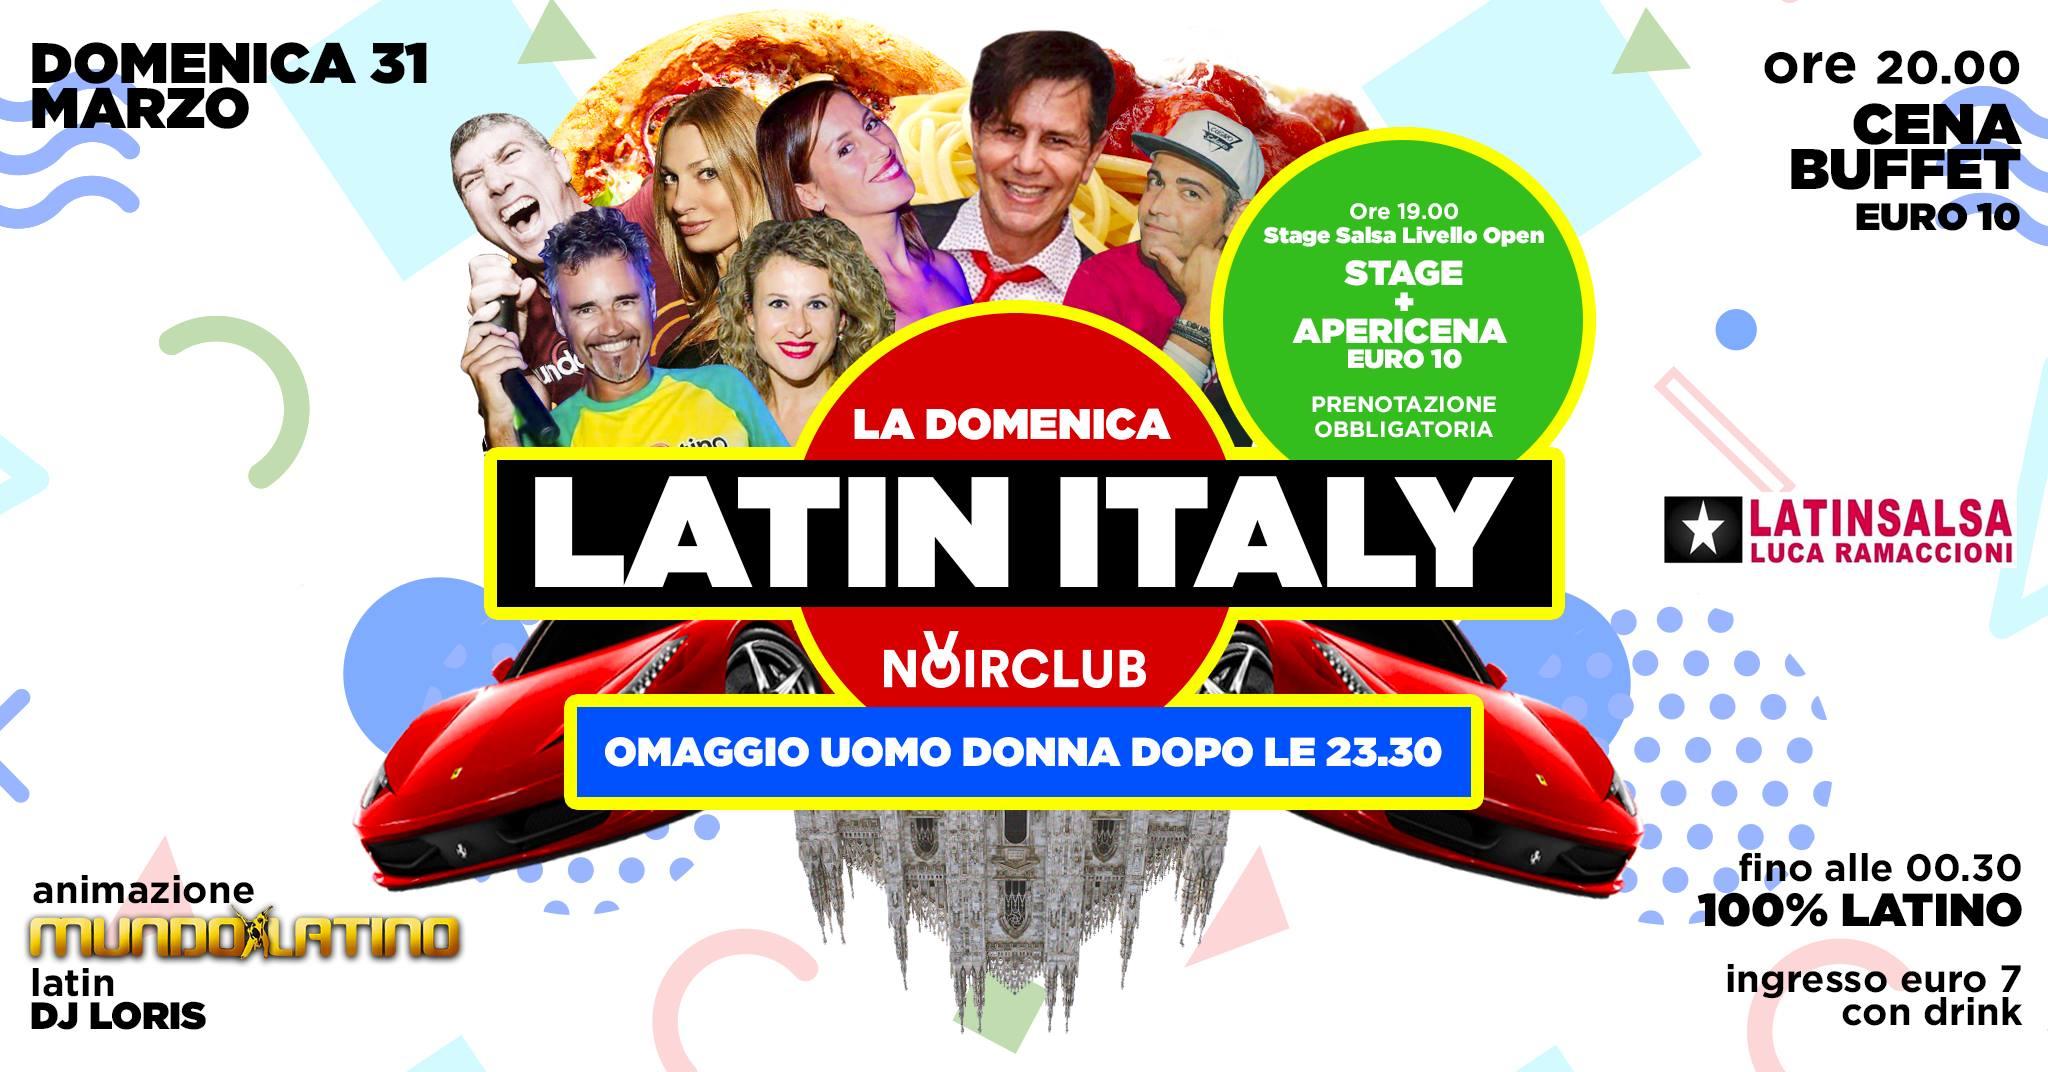 Mundo Latino e dj Loris Noir Club Jesi